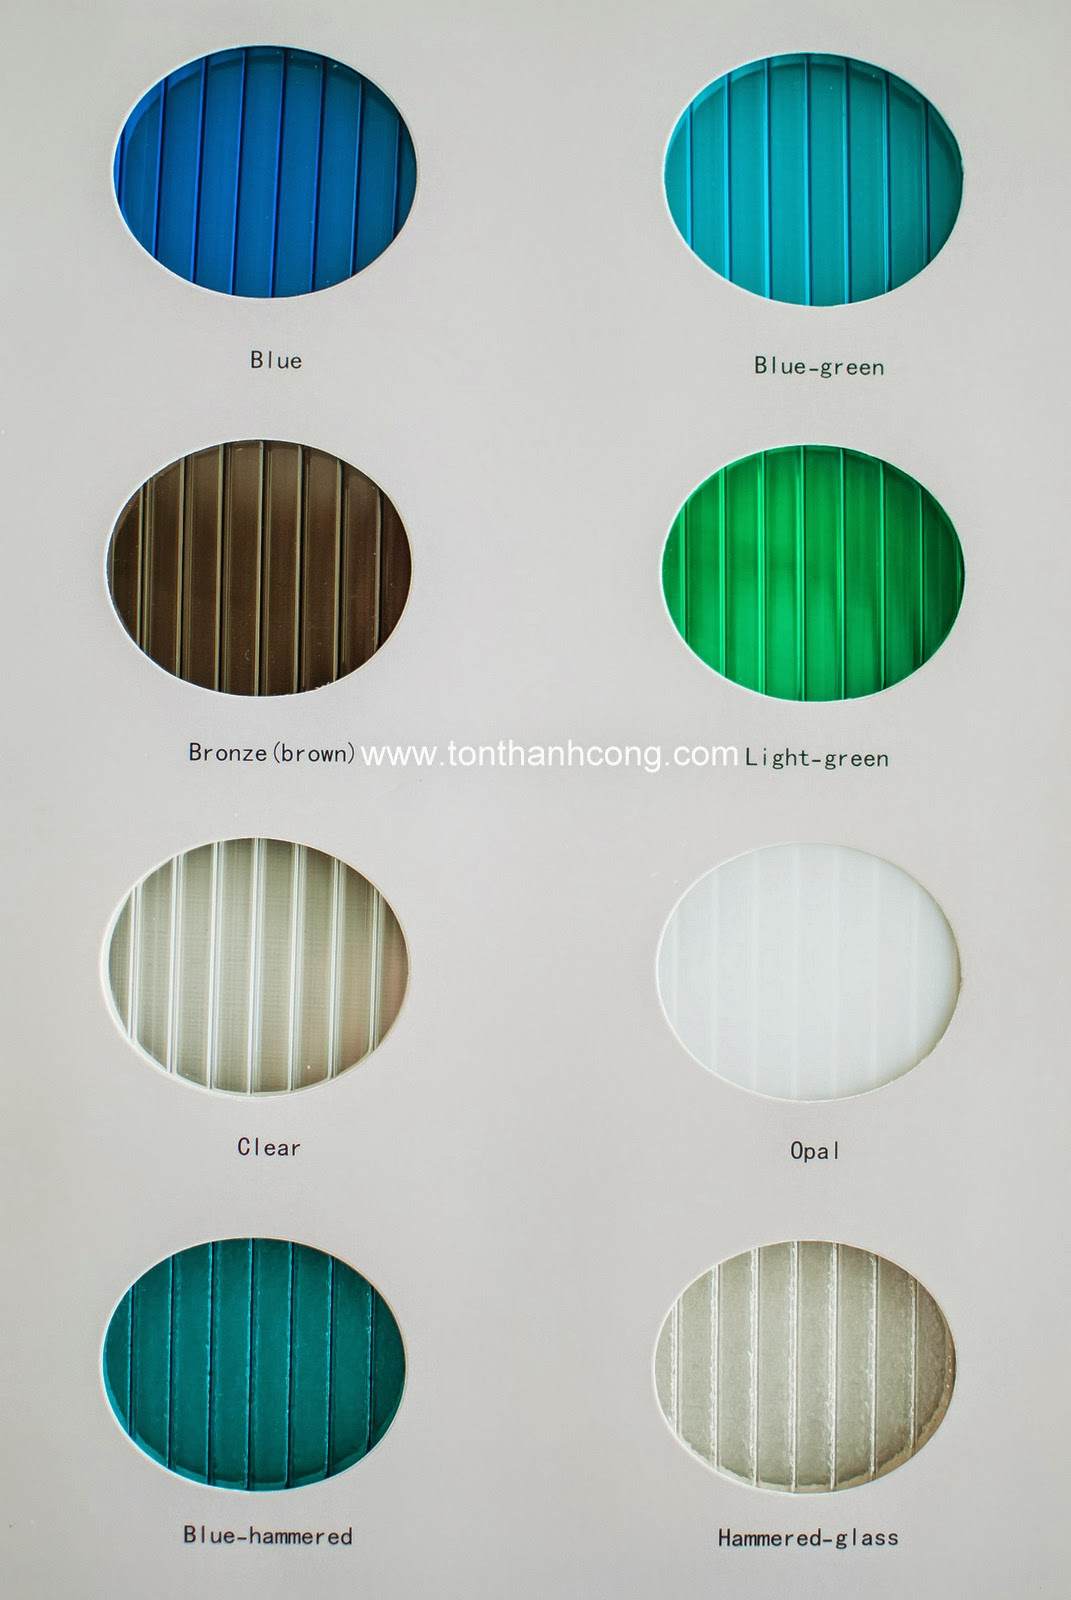 Catalogue Tấm Lấy Sáng Polycarbonate Rỗng Ruột NIPPON - Trang 2